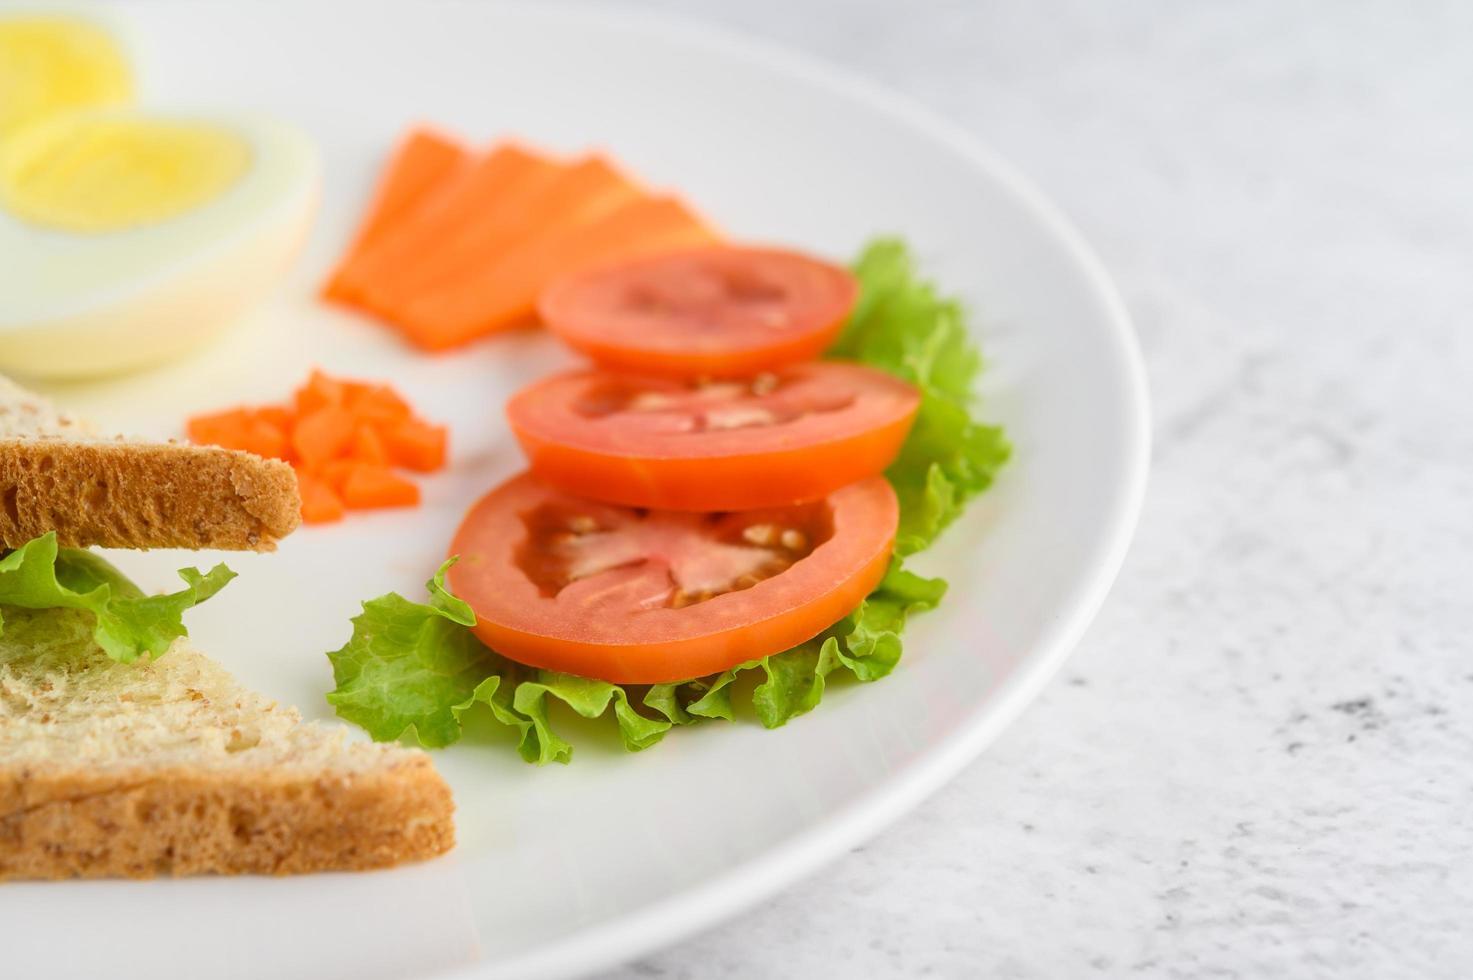 gekookt ei met tomaten en wortelen foto